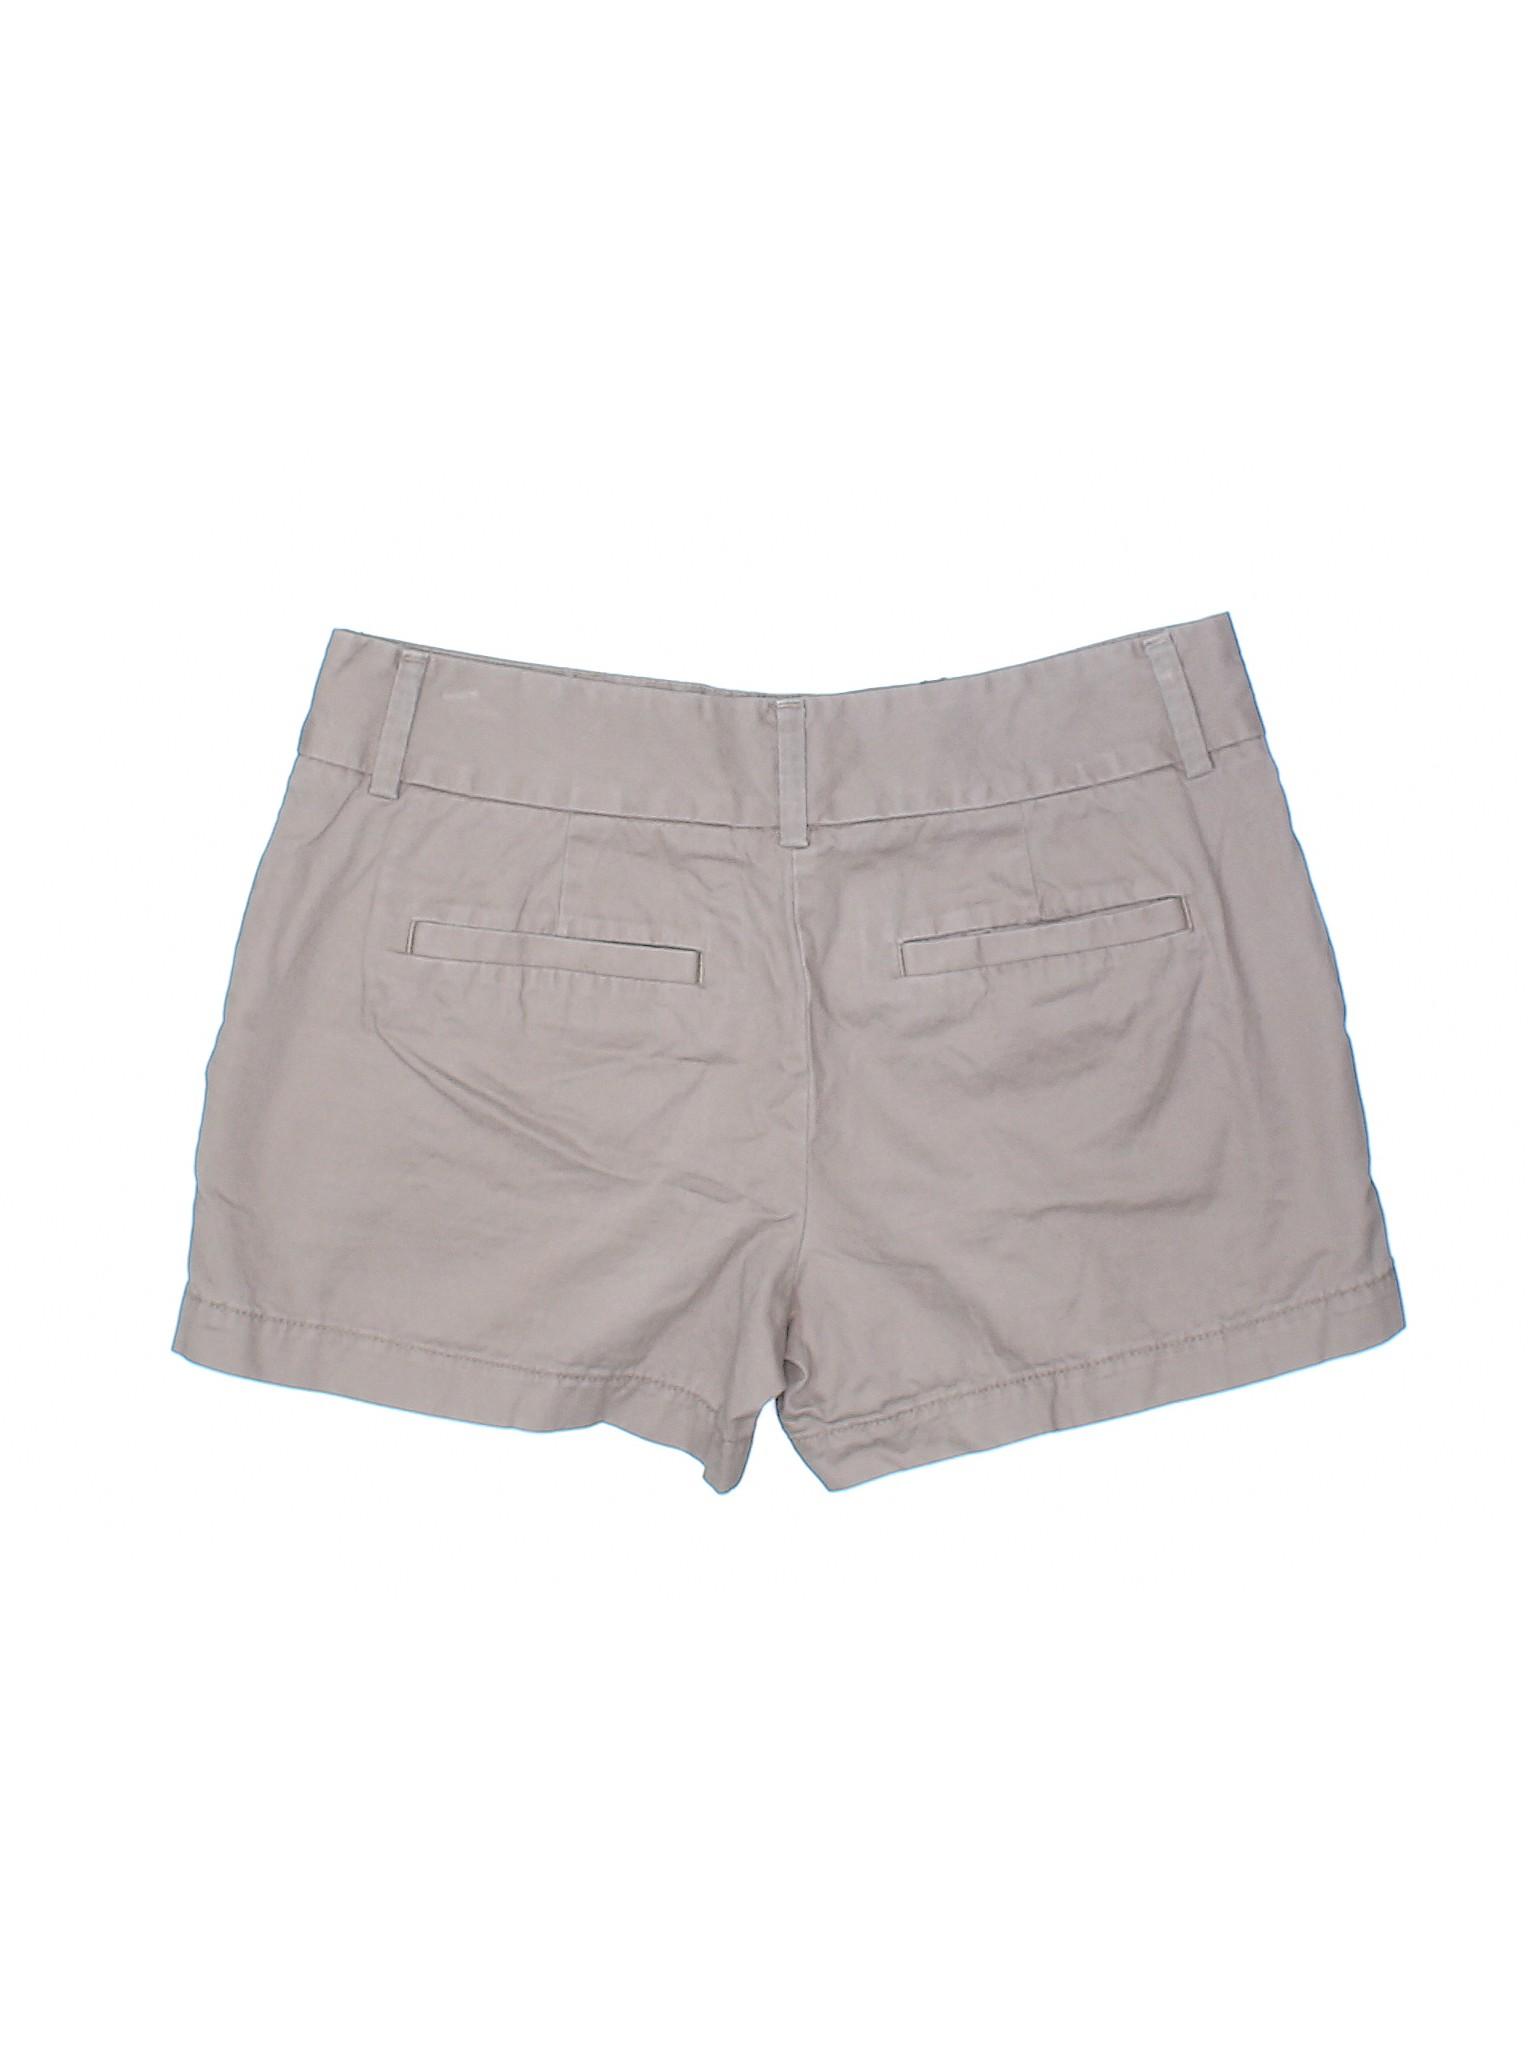 Taylor Ann Boutique Shorts LOFT Khaki UpqTpwx5C